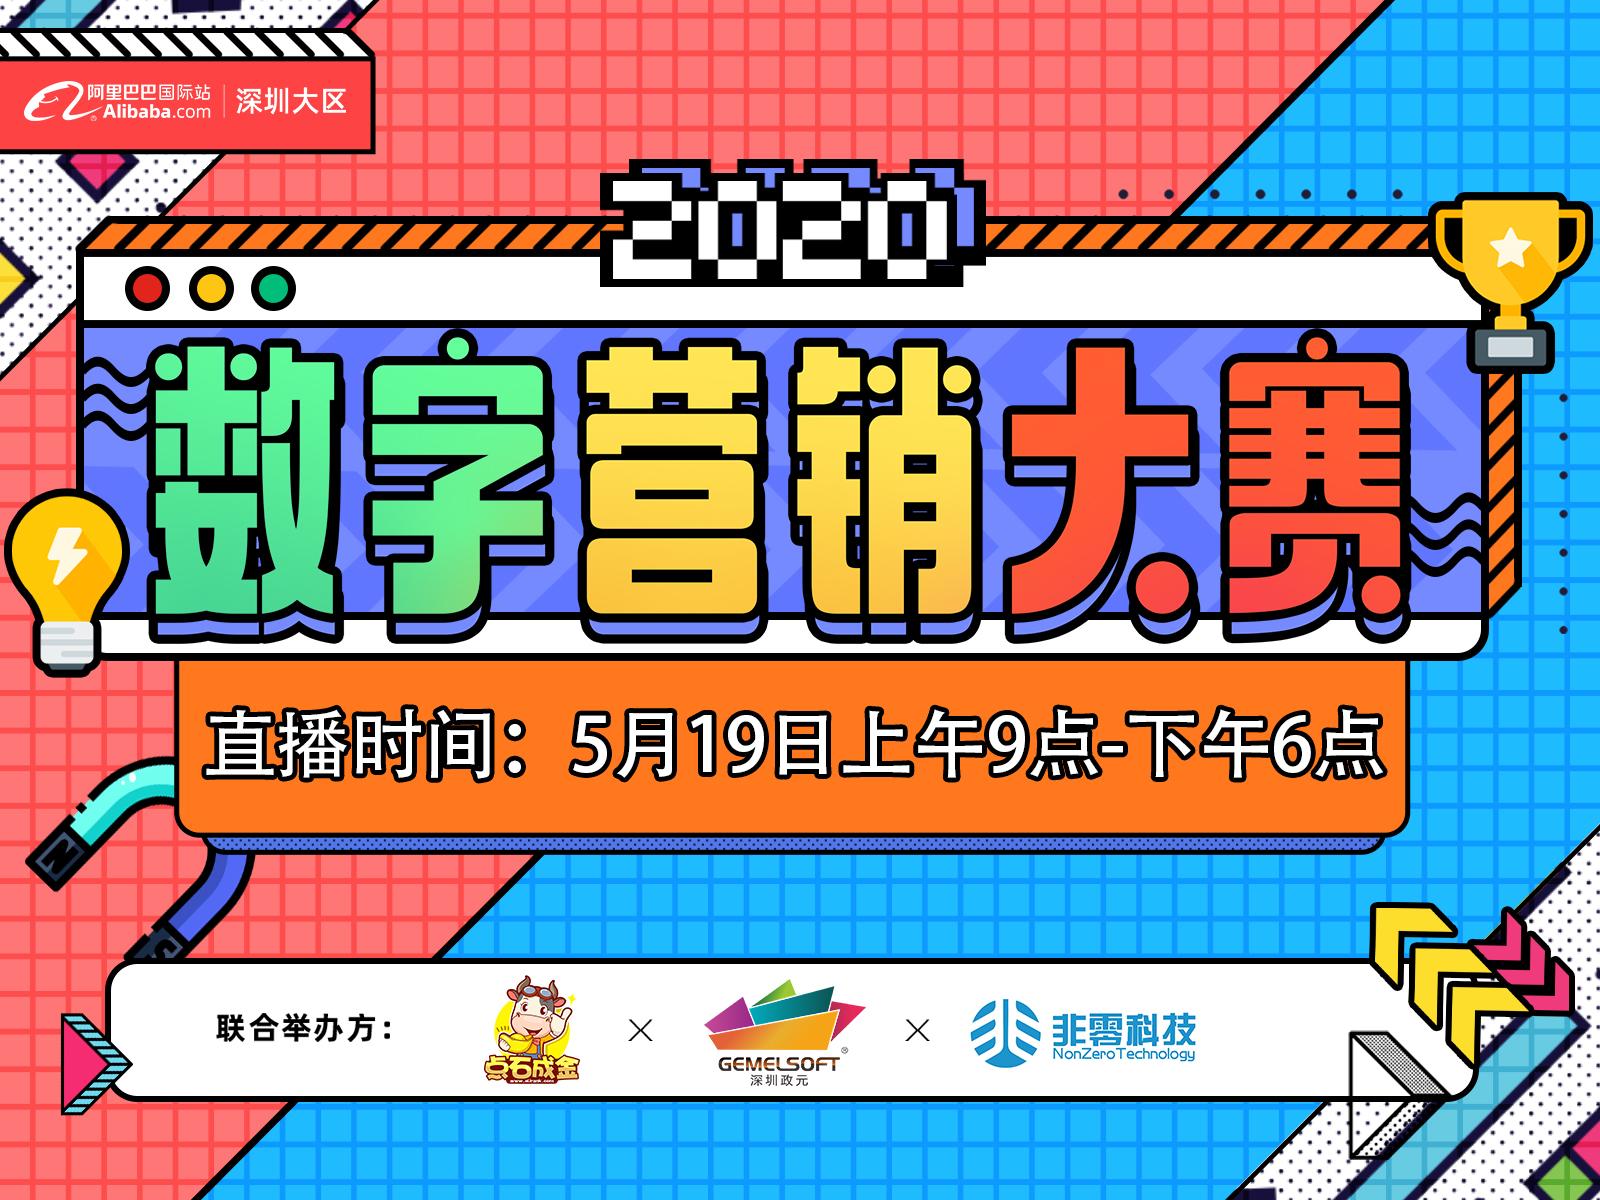 深圳大区《数字营销大赛》深北区域决赛